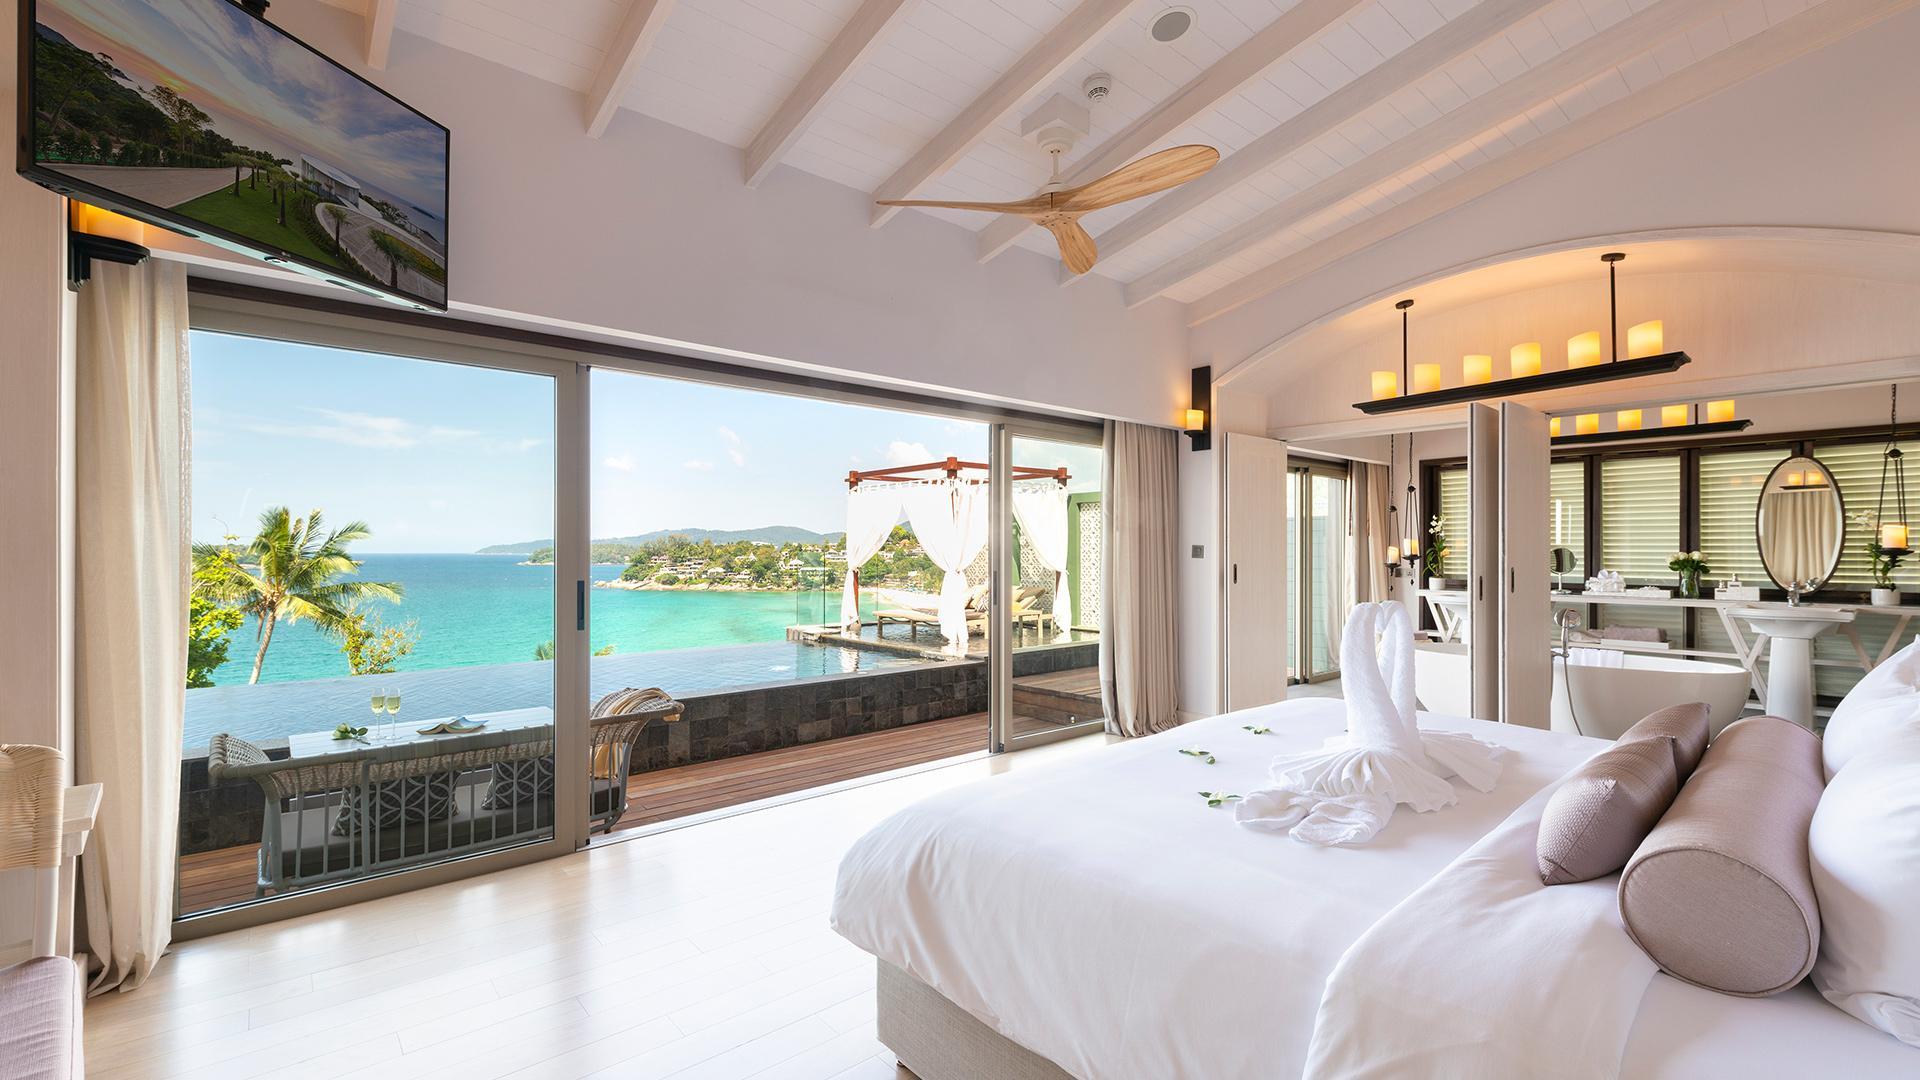 Sea View Pool Villa Romance image 1 at The Shore at Katathani by Amphoe Mueang Phuket, Chang Wat Phuket, Thailand